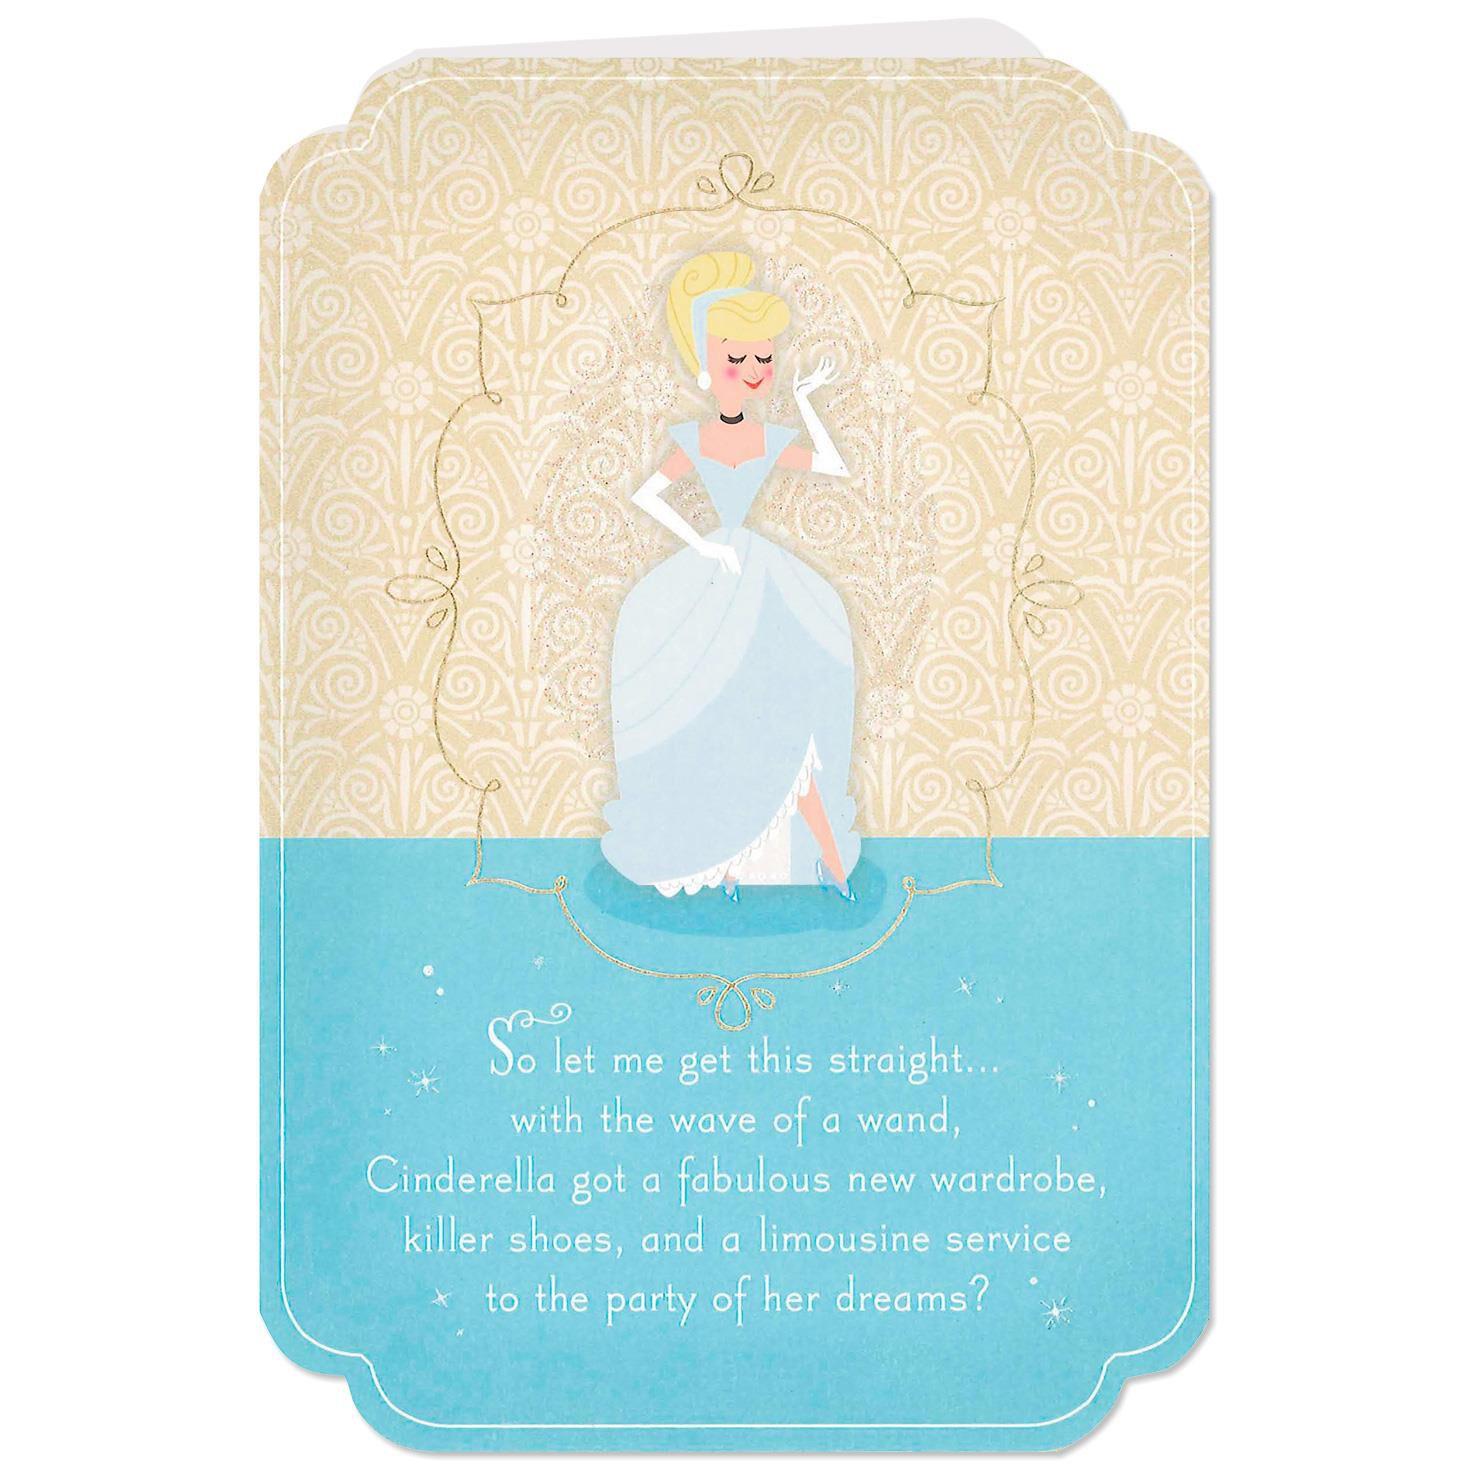 Disney Cinderella Wishing You a Fairy Godmother Birthday Card